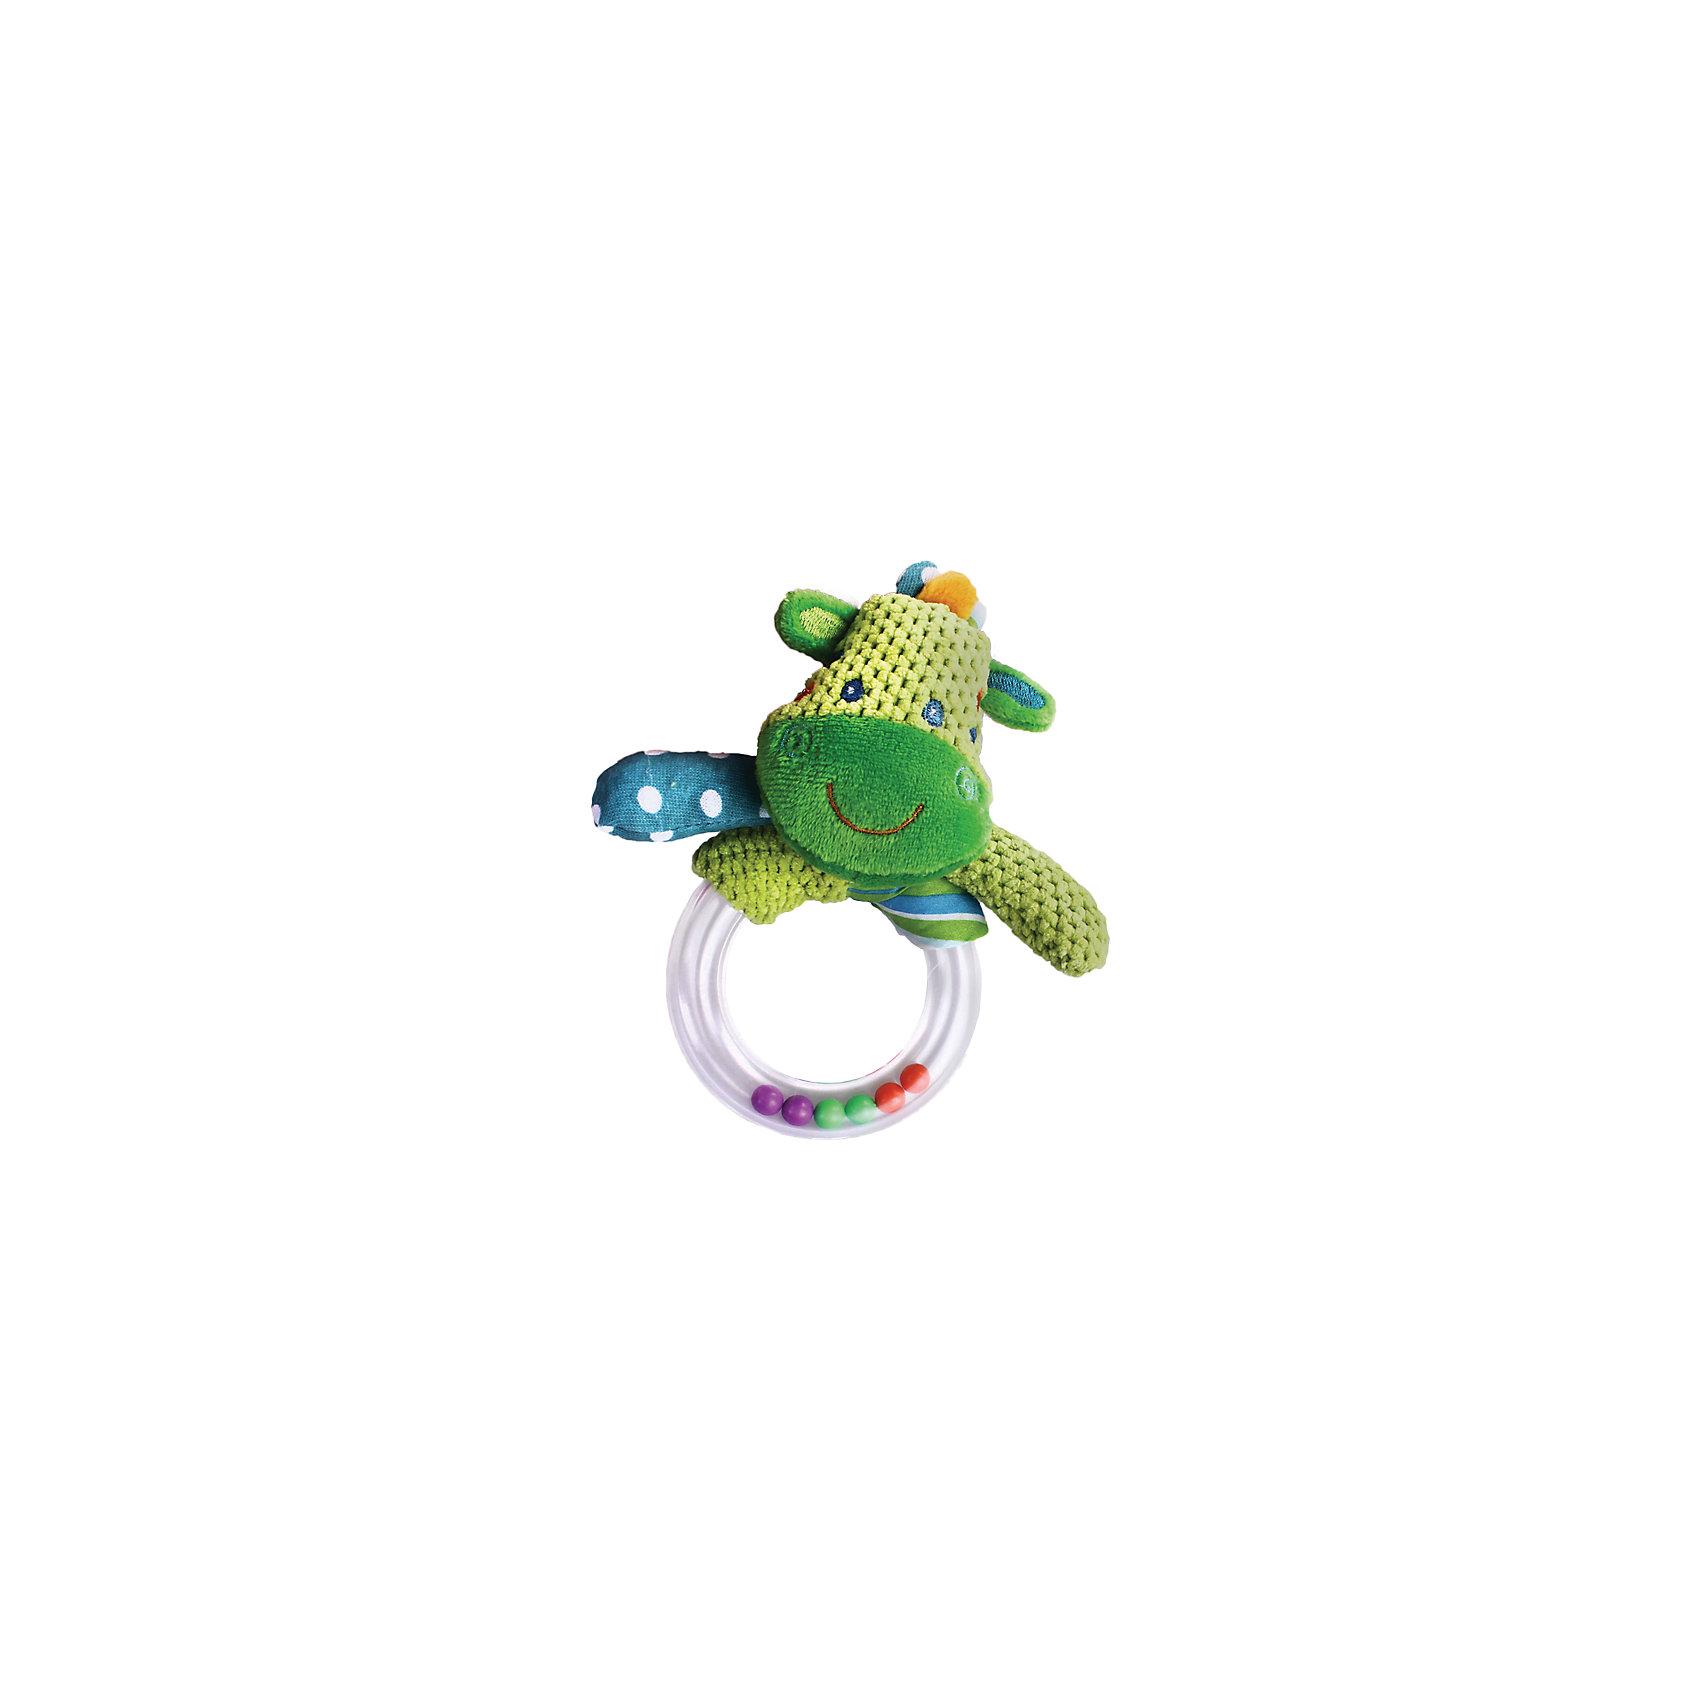 Погремушка Зебра, ЖирафикиИгрушки для новорожденных<br>Погремушка – классическая игрушка для малышей ясельного возраста. Погремушка издает приятный звук для ребенка, успокаивает его и помогает заснуть. Интересная погремушка из мягкого текстиля в виде зебры понравится всем деткам без исключения. Игрушку можно оставлять с малышом и давать ему играть без присмотра взрослых, так как в ней нет опасных элементов и мелких деталей. Материалы, использованные при изготовлении товара, абсолютно безопасны и отвечают всем международным требованиям по качеству.<br><br>Дополнительные характеристики:<br><br>материал: текстиль, пластик;<br>цвет: разноцветный;<br>габариты: 8 X 4 X 18 см.<br><br>Погремушку Зебра от компании Жирафики можно приобрести в нашем магазине.<br><br>Ширина мм: 520<br>Глубина мм: 300<br>Высота мм: 350<br>Вес г: 59<br>Возраст от месяцев: 3<br>Возраст до месяцев: 36<br>Пол: Унисекс<br>Возраст: Детский<br>SKU: 5032566